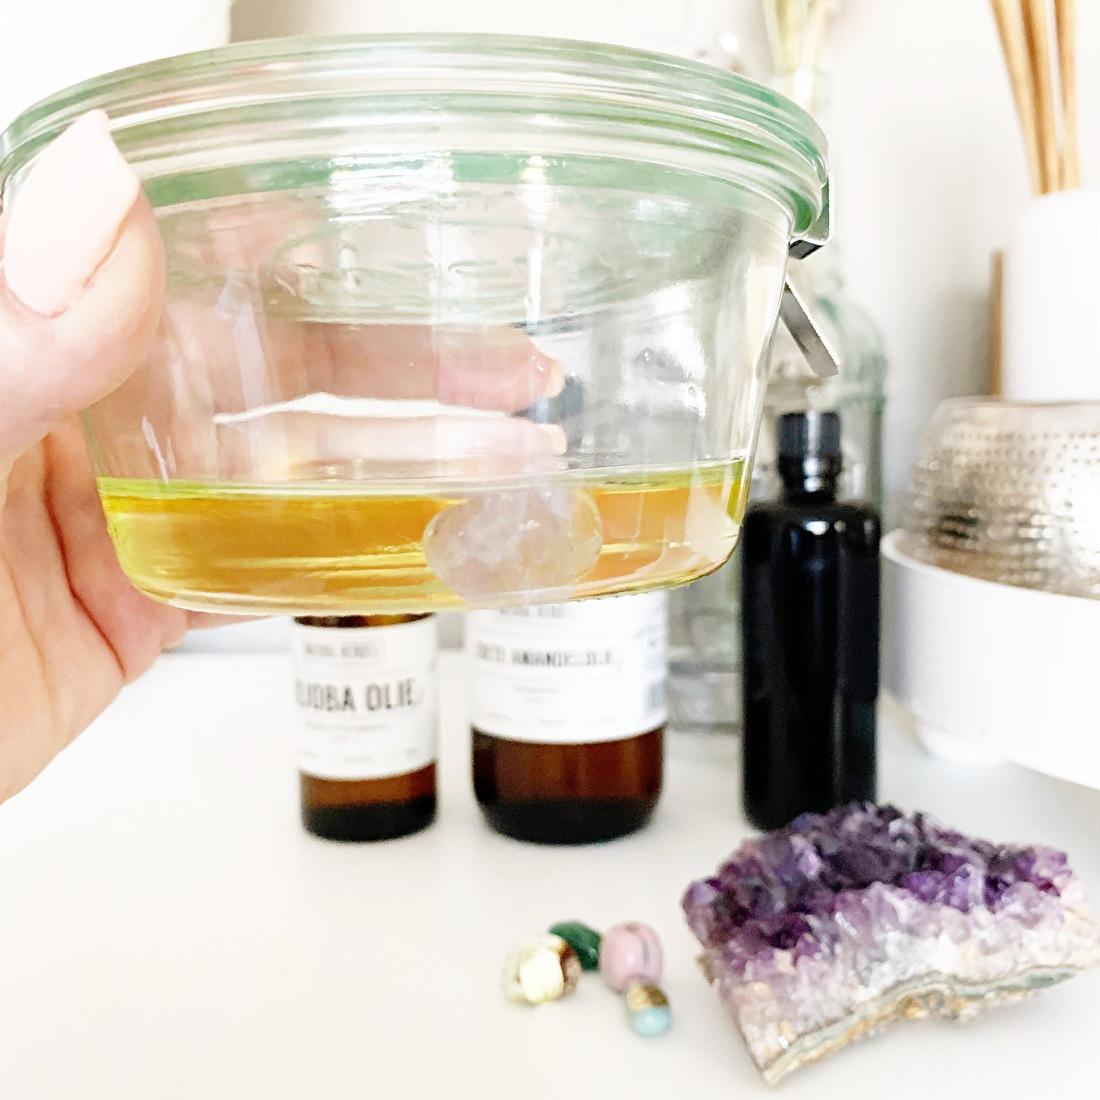 Blog edelstenen massage olie maken, by-sas